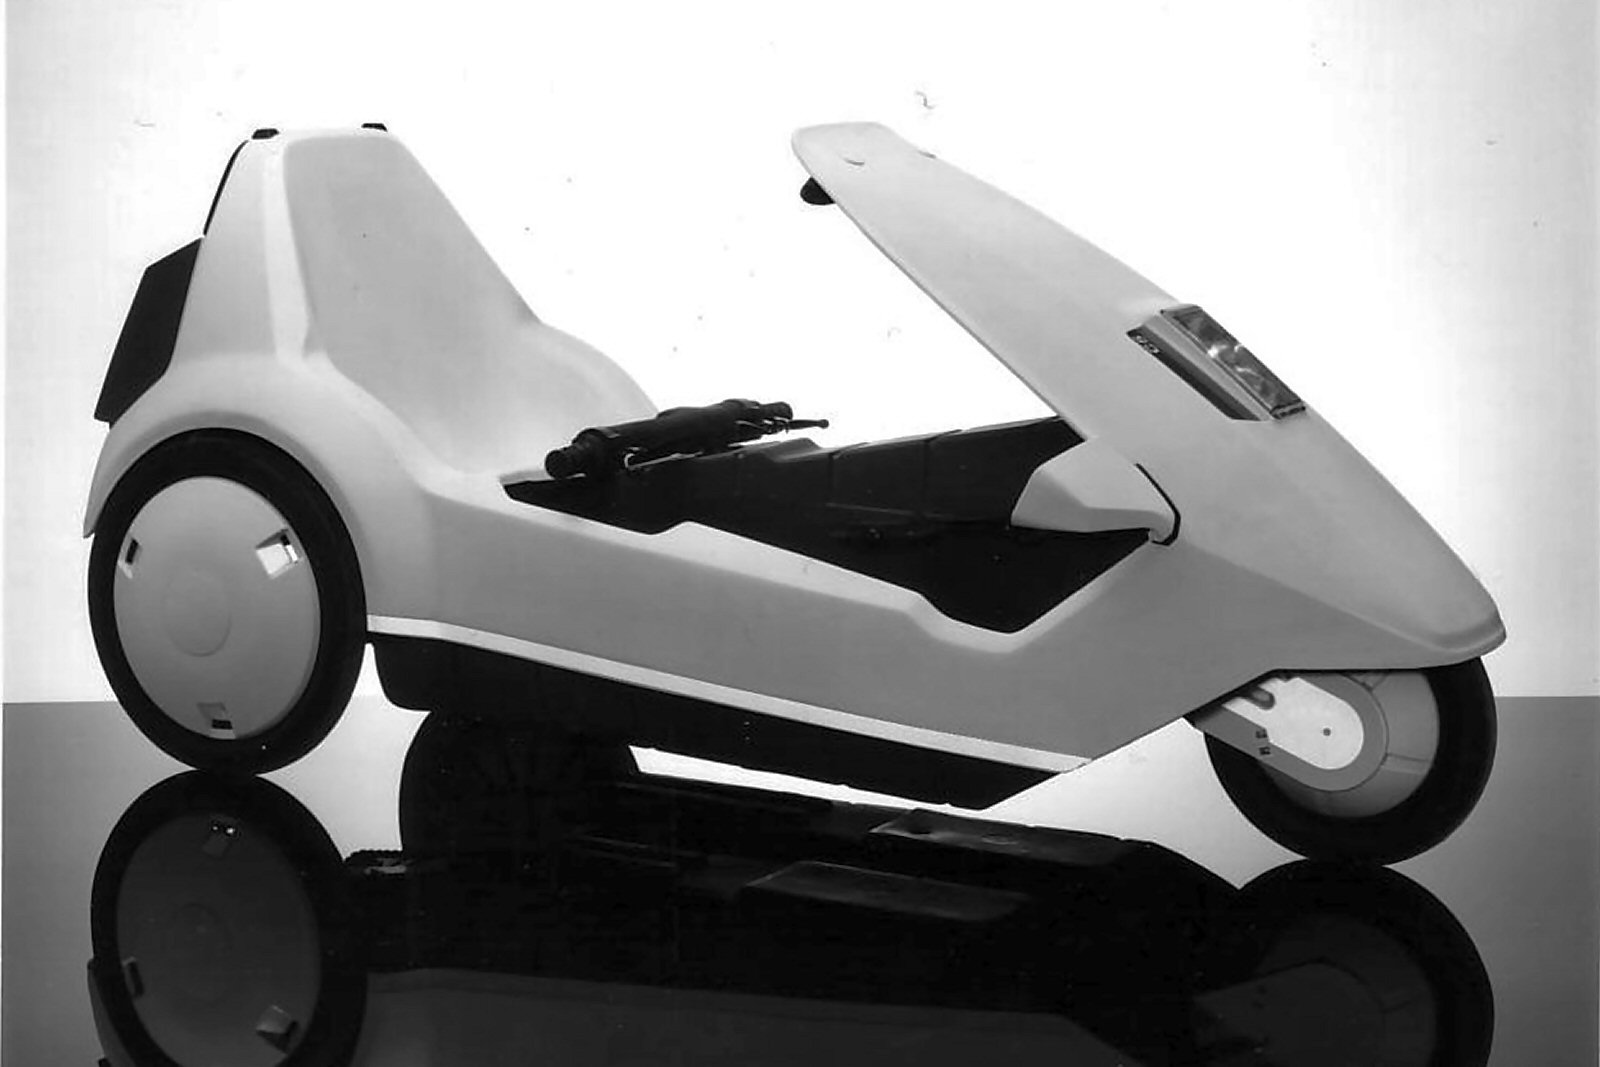 Sovibrant Opinion8 Design Erm Classic No 234 The